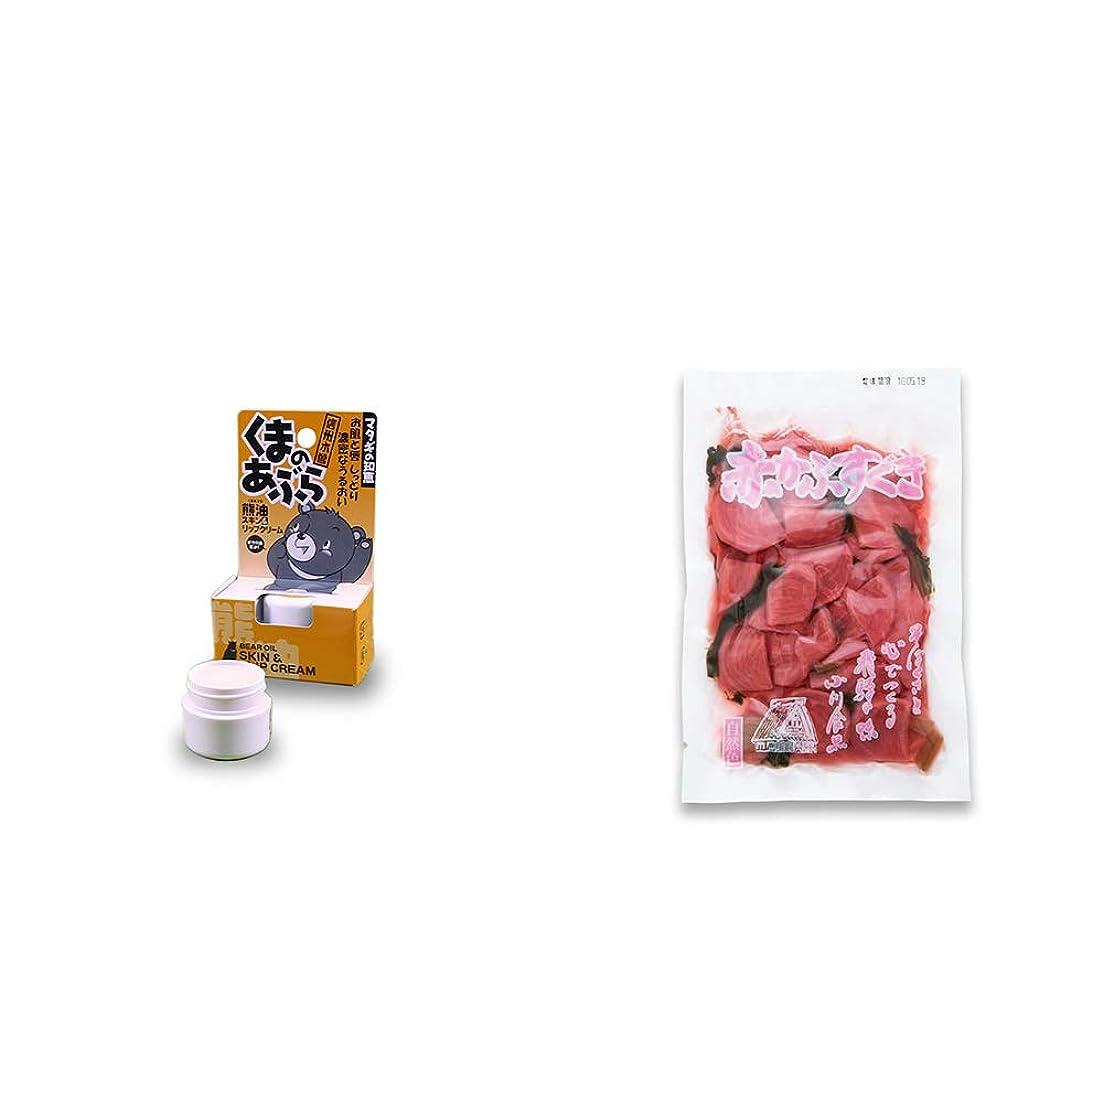 債権者あらゆる種類のエクスタシー[2点セット] 信州木曽 くまのあぶら 熊油スキン&リップクリーム(9g)?赤かぶすぐき(160g)